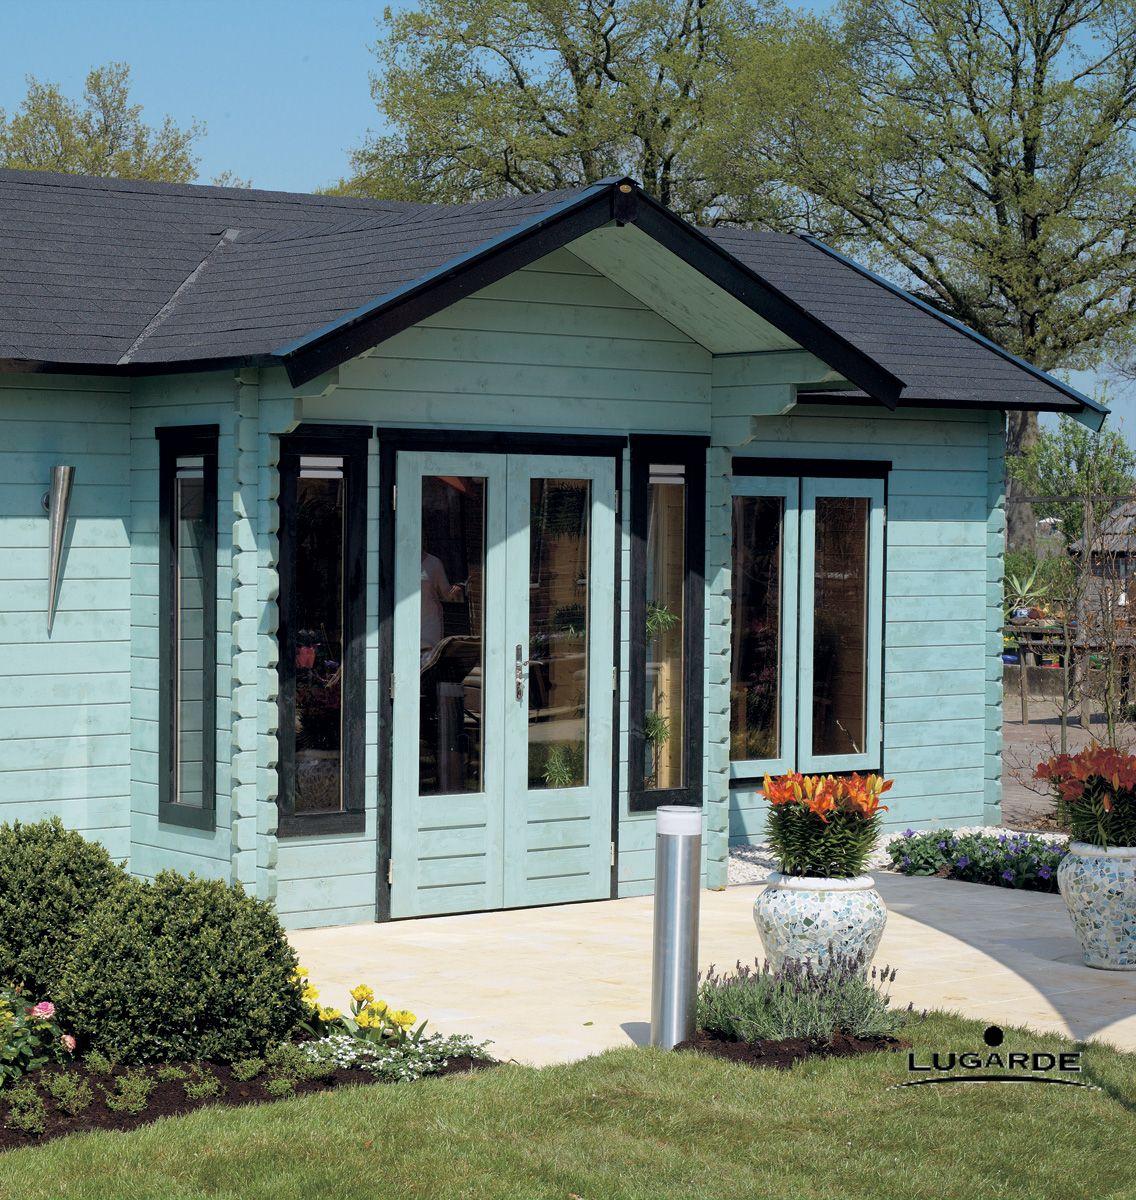 ein blaues gartenhaus scheint ungew hnlich ist bei lugarde aber m glich sie k nnen ihr. Black Bedroom Furniture Sets. Home Design Ideas